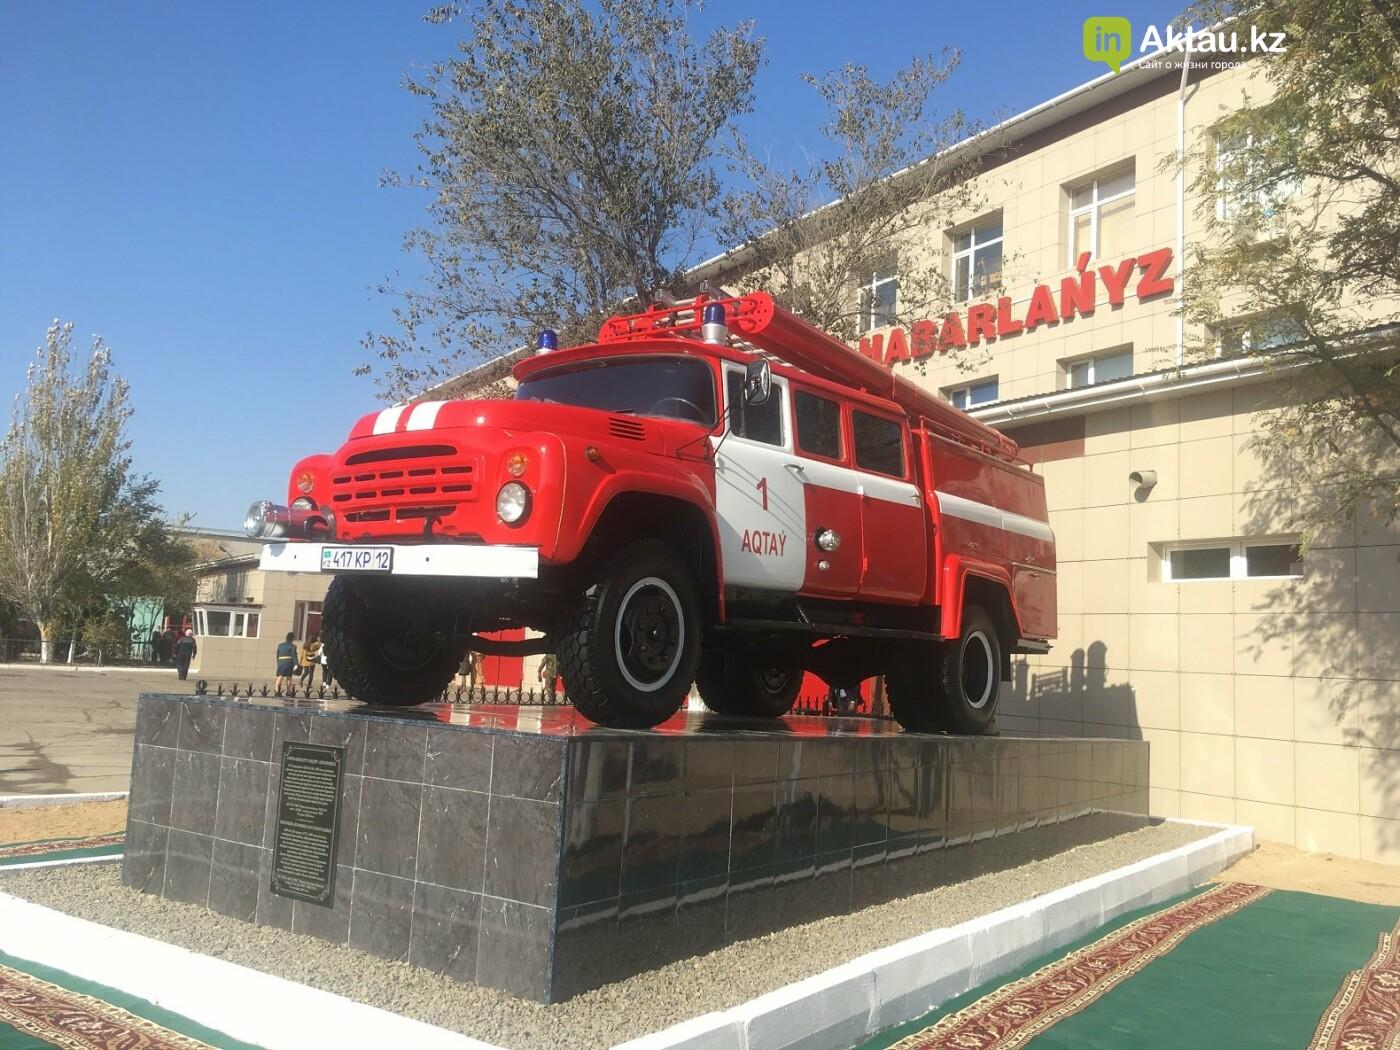 В Актау открыли постамент пожарной машине , фото-1